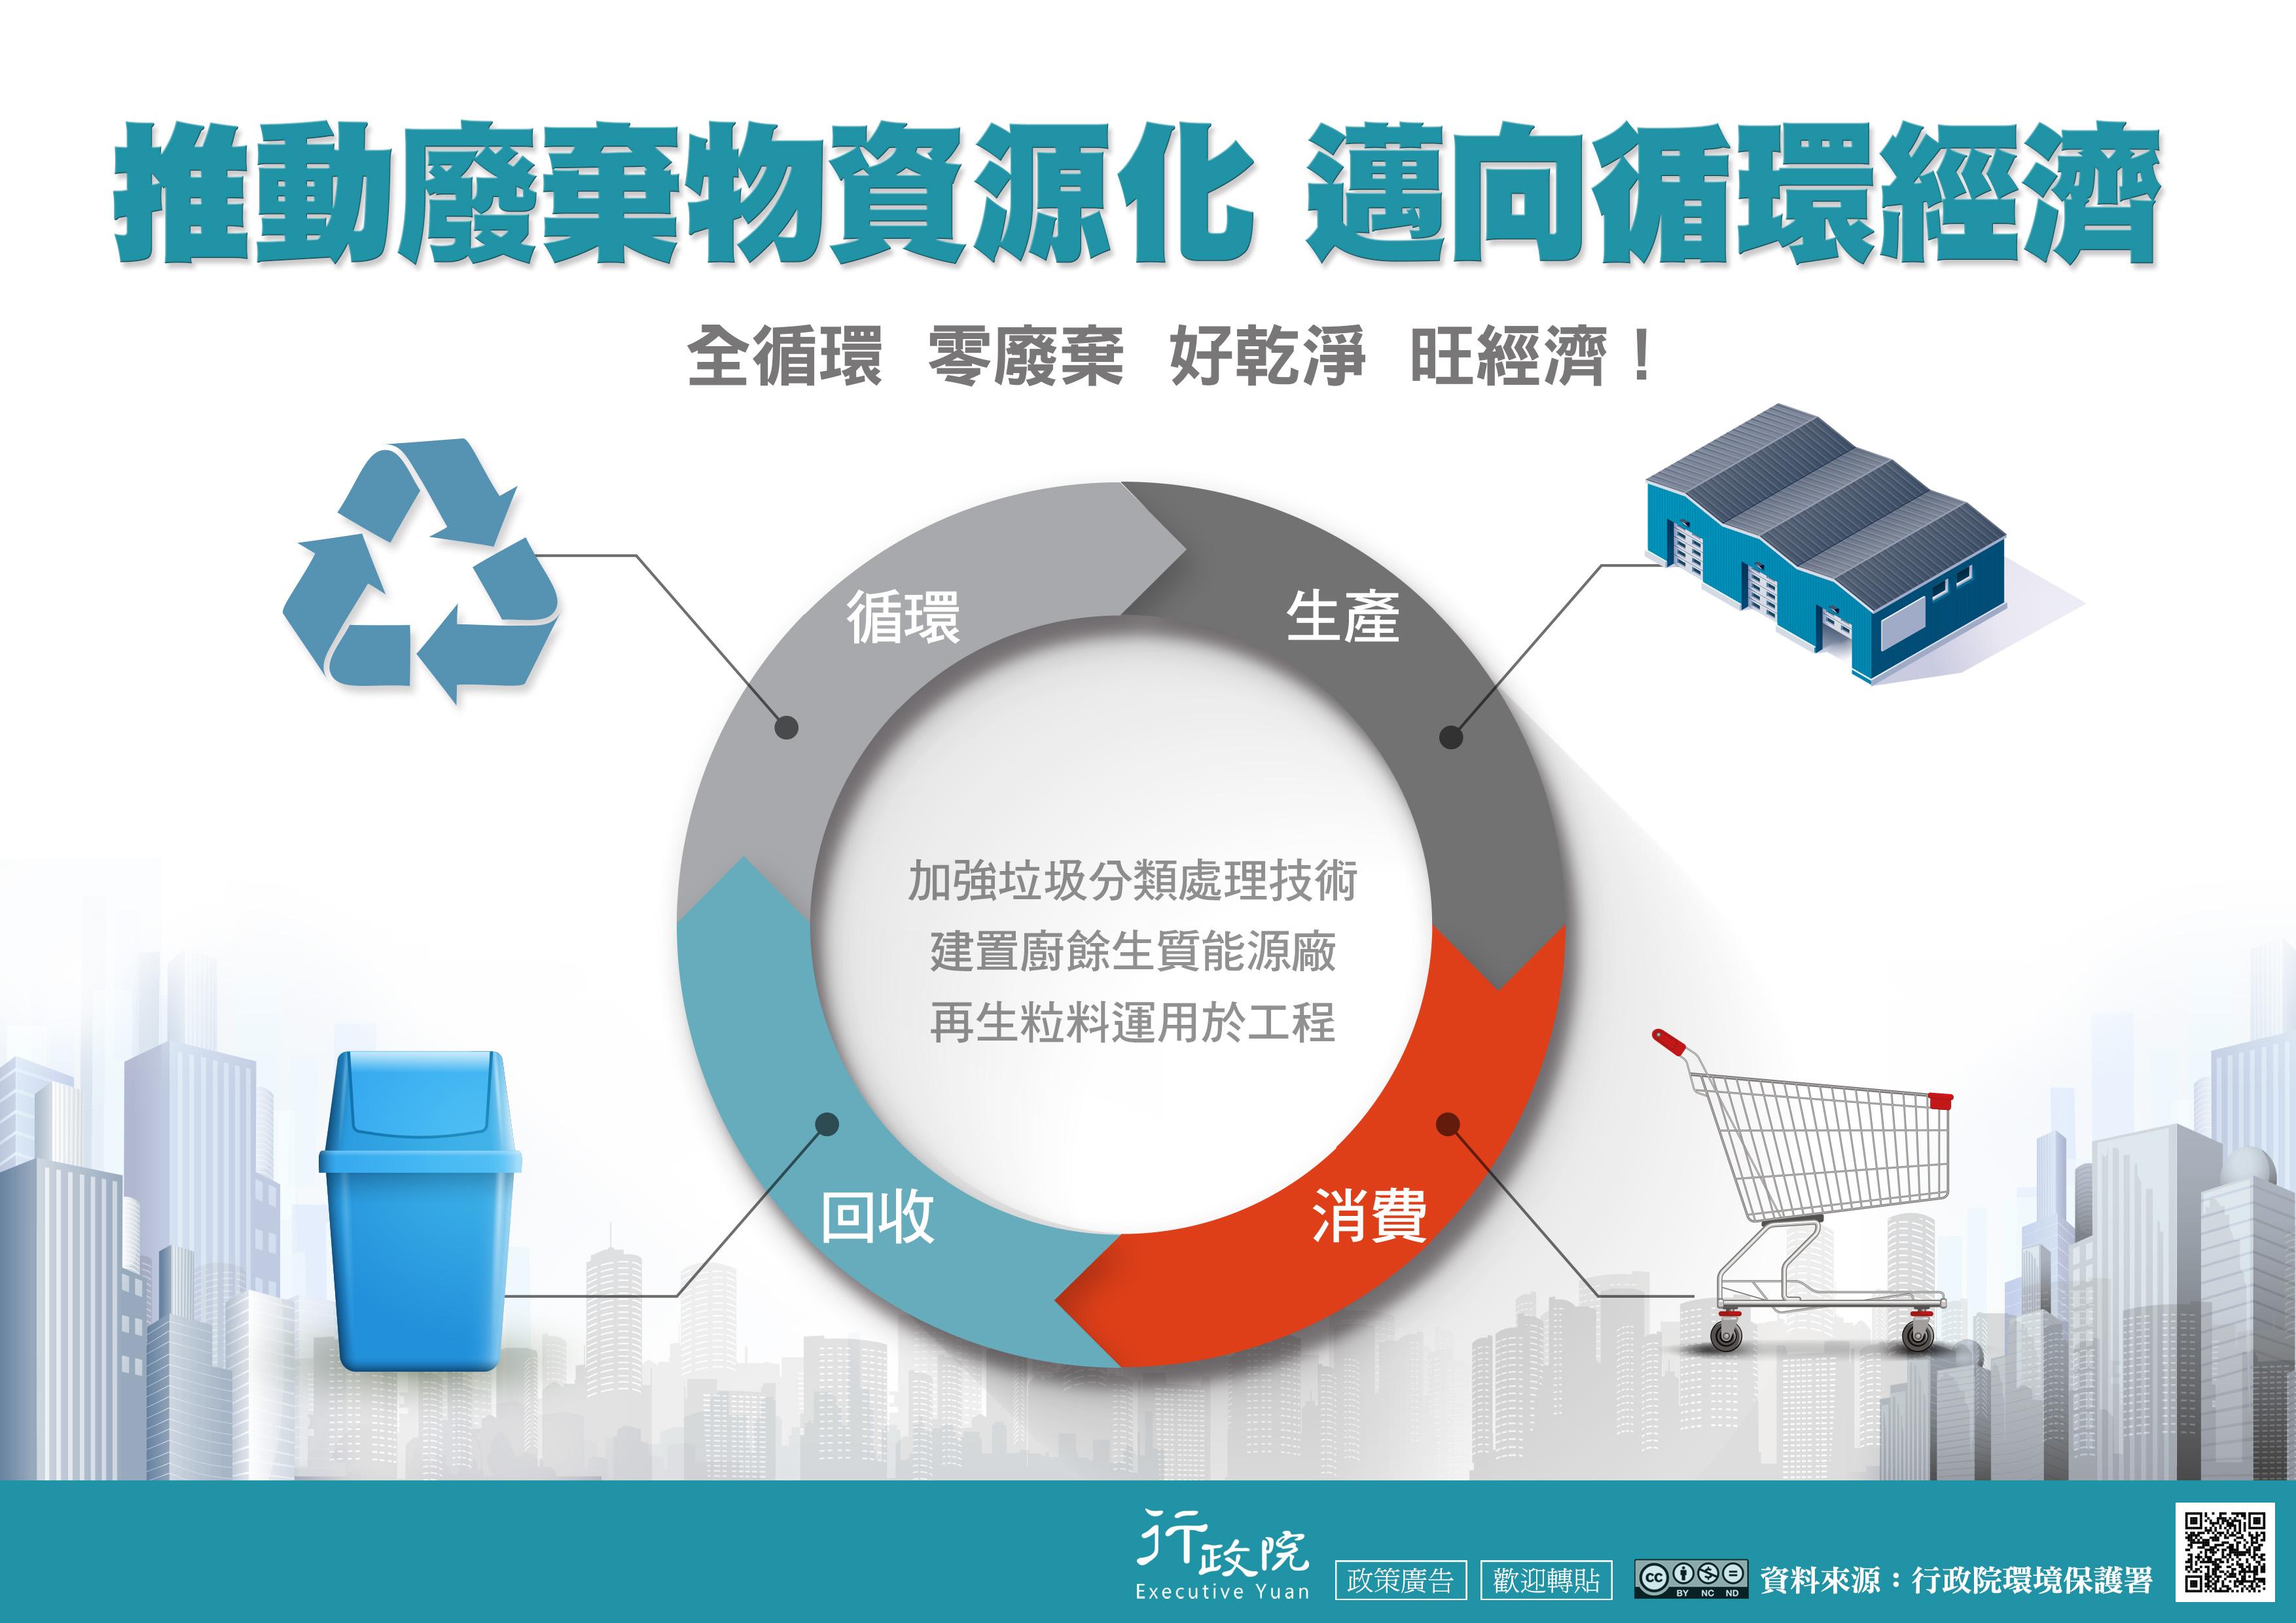 推動廢棄物資源化 邁向循環經濟